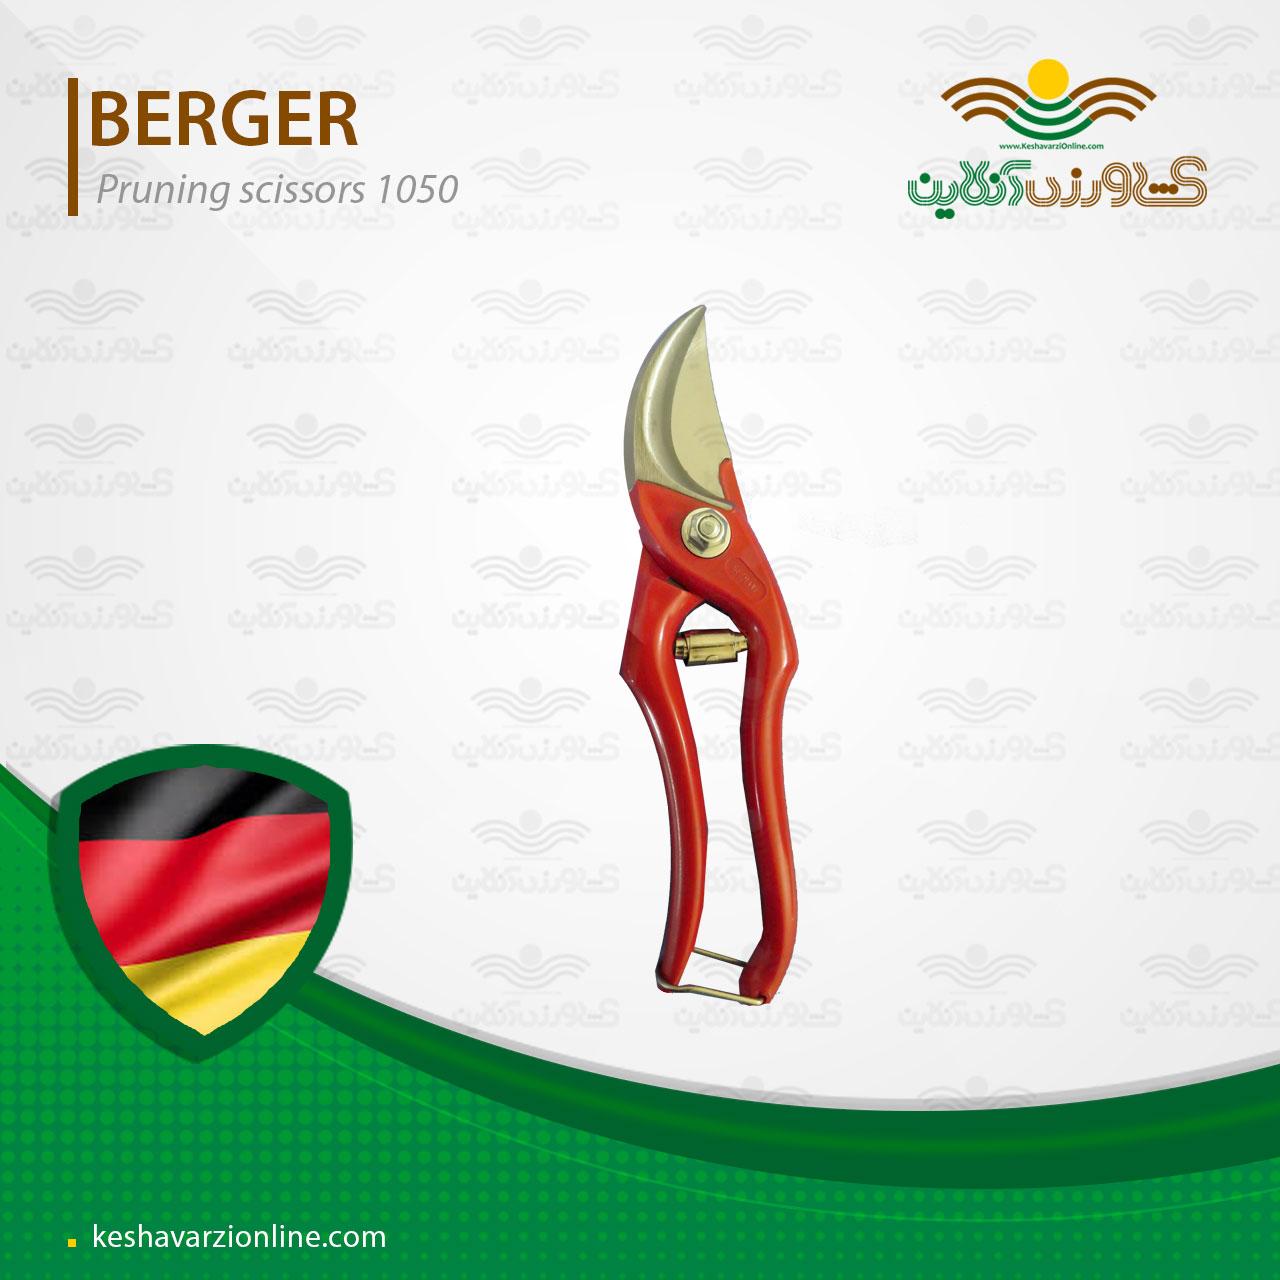 قیچی هرس برگر آلمان 1050